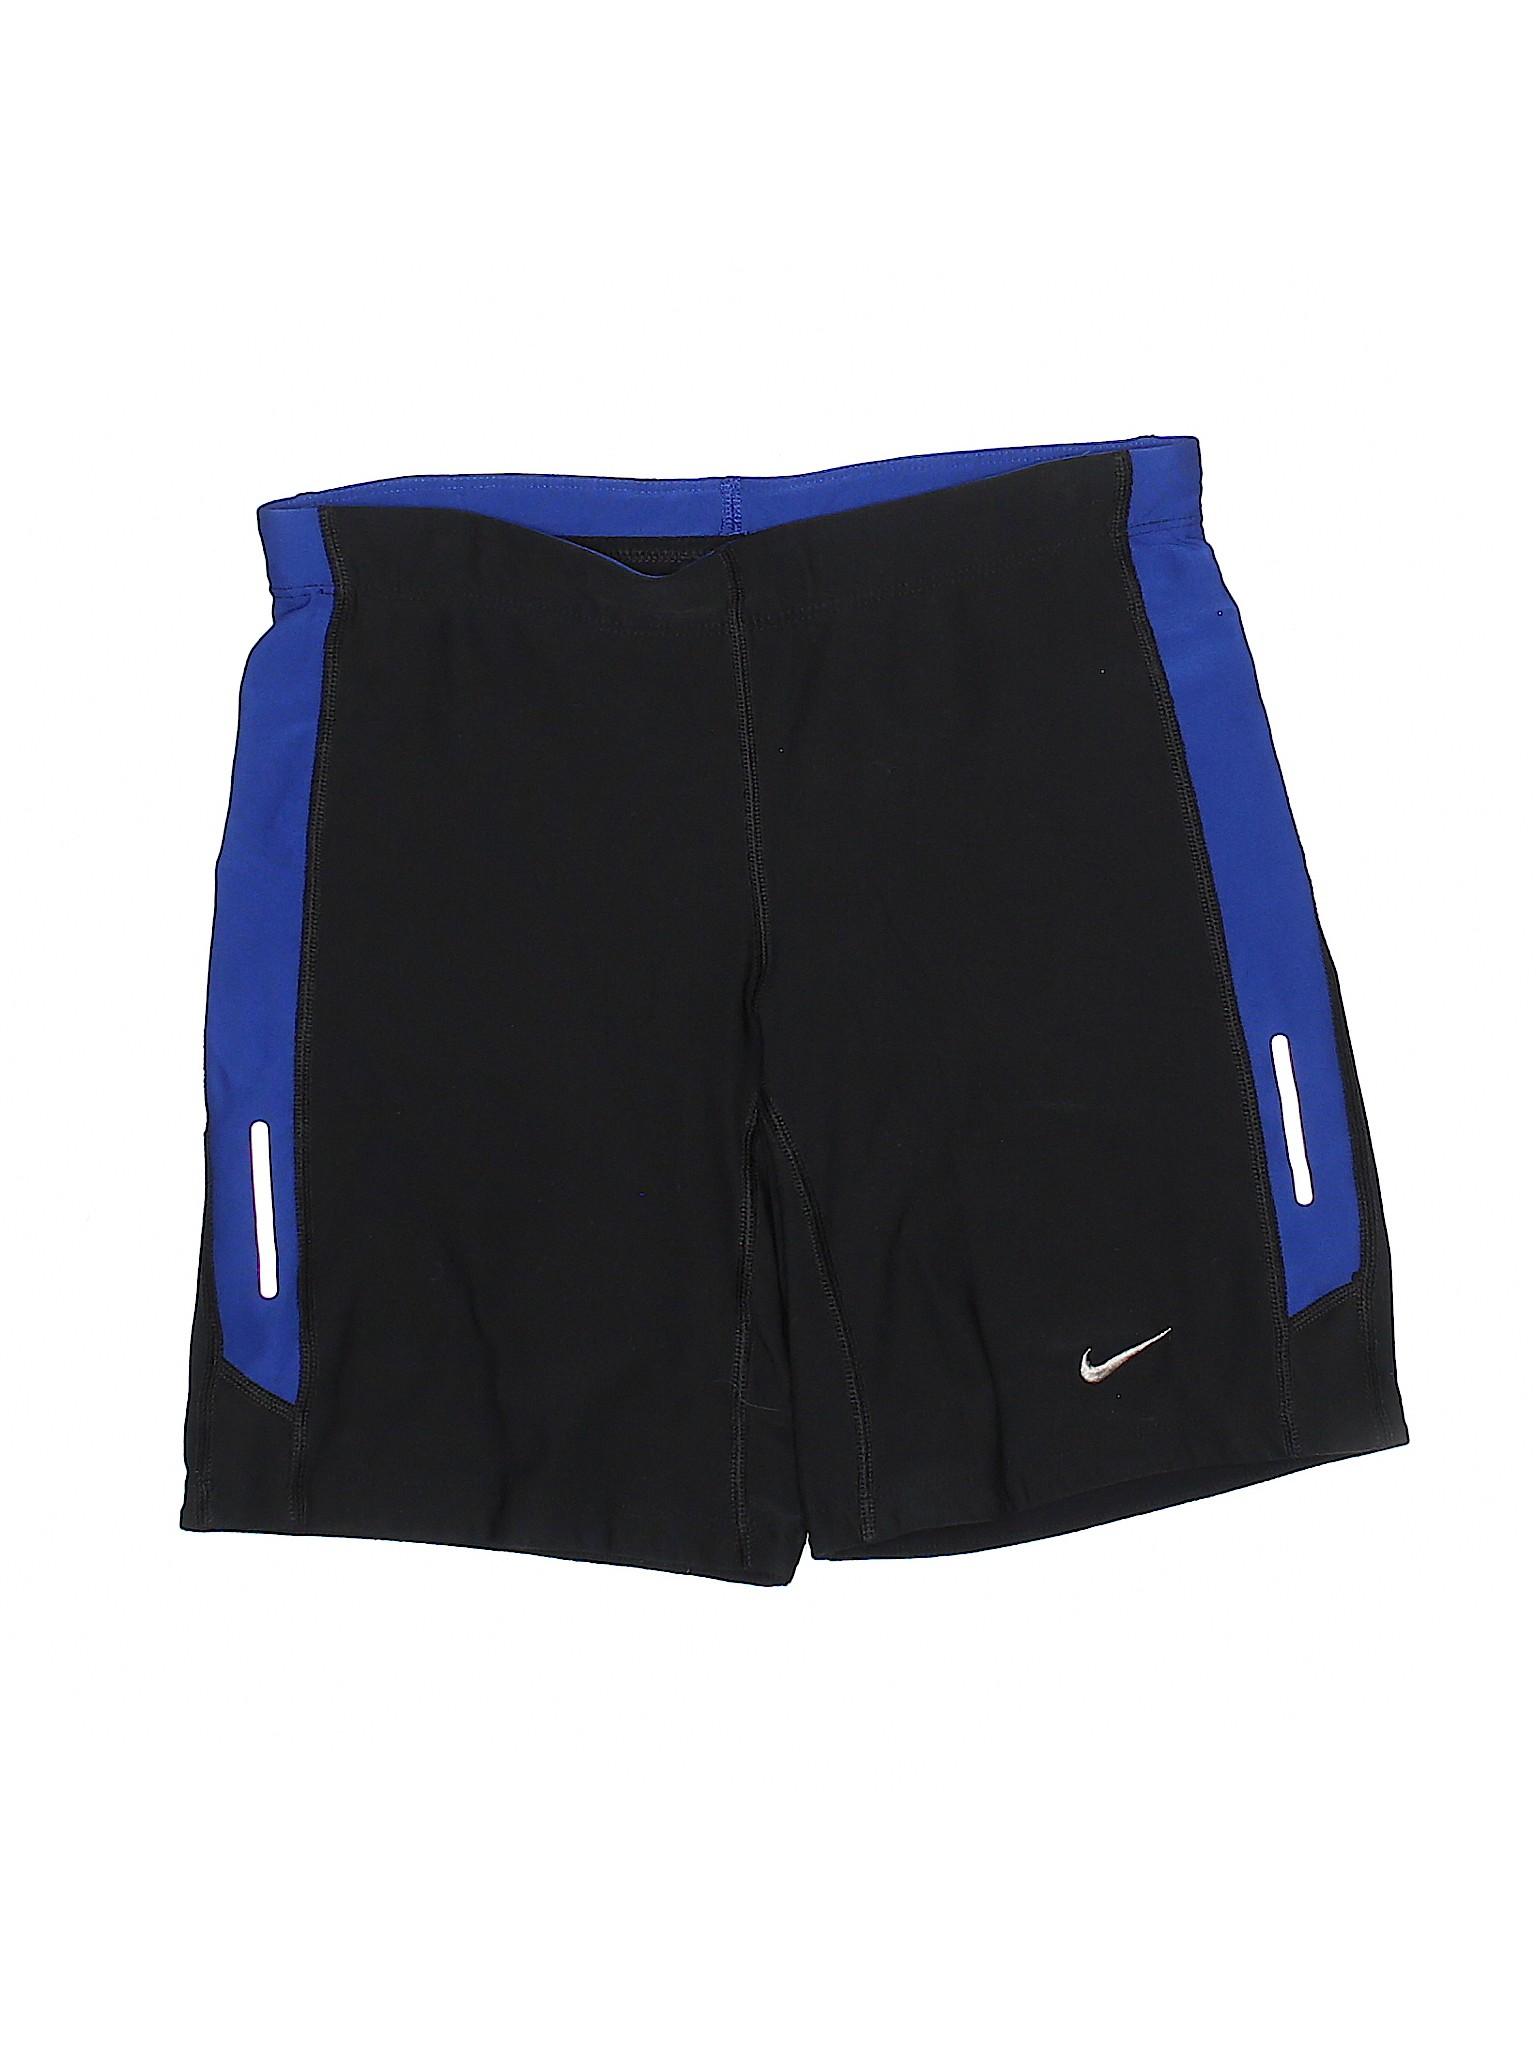 Nike Shorts leisure Shorts Athletic Boutique Athletic leisure Nike Boutique Boutique w1xntqH1aR